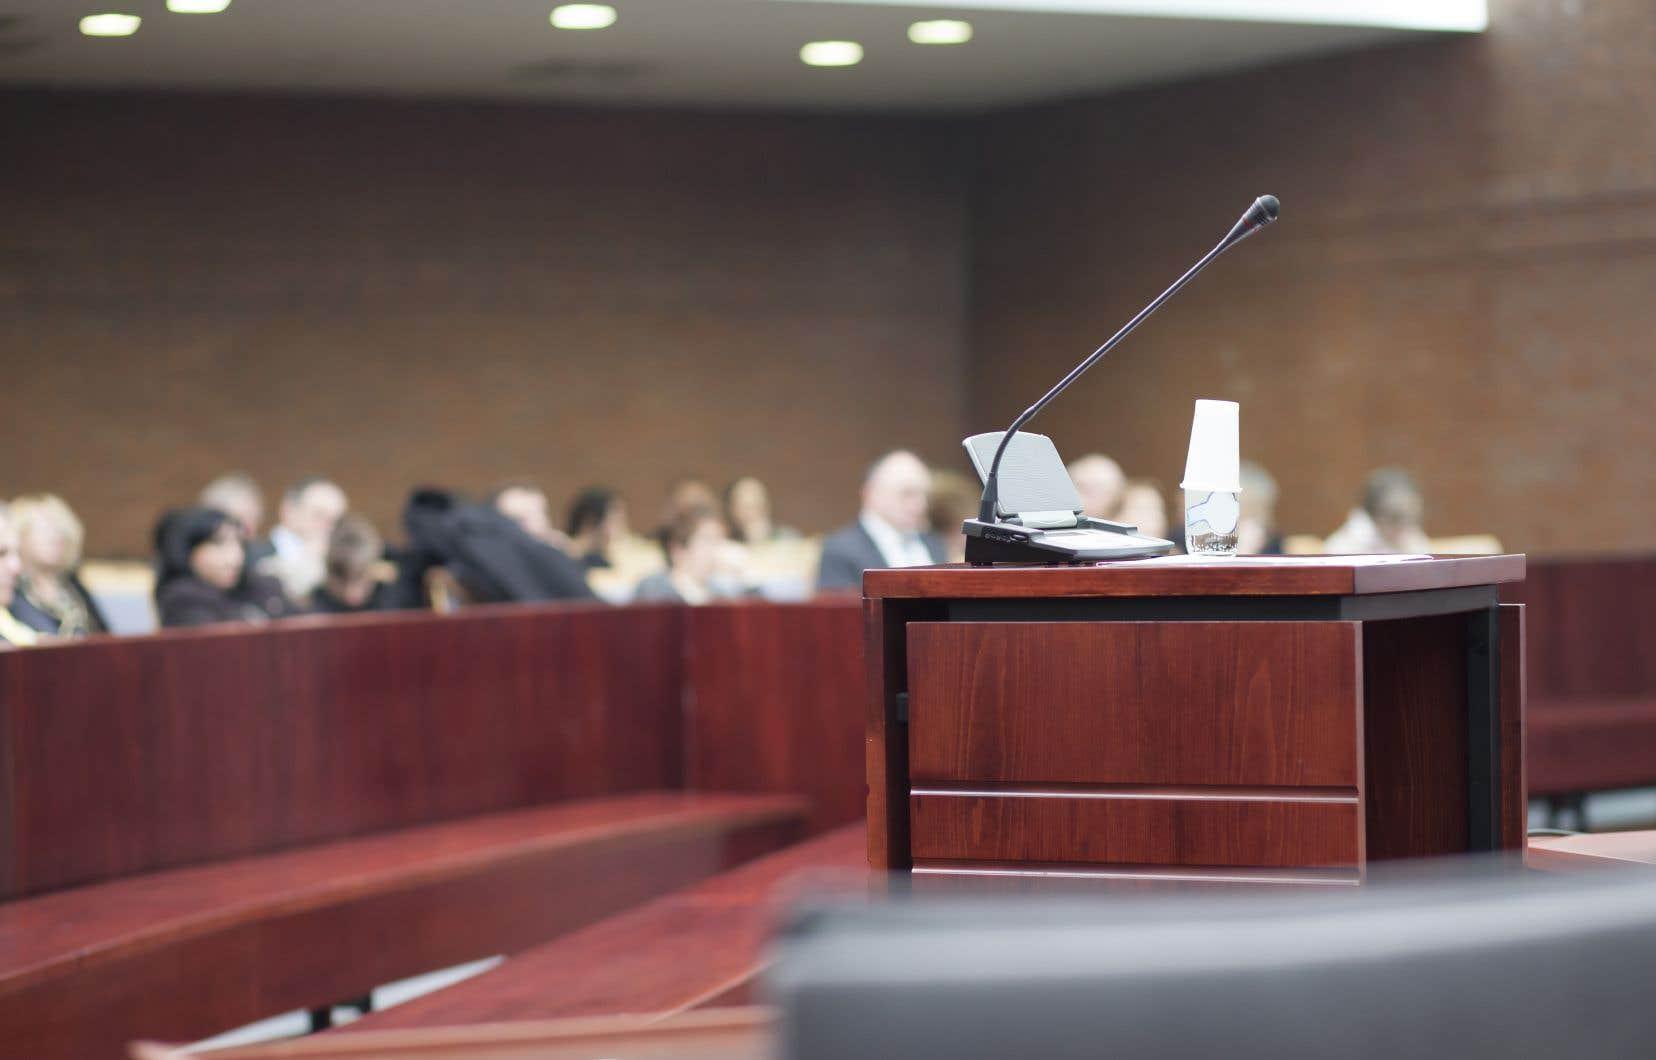 «Les services juridiques sont financièrement inaccessibles pour une partie importante de la population, ce qui explique que, d'après le ministère de la Justice du Québec, 38% des justiciables s'autoreprésentaient en matière familiale en 2014-2015». expliquent les auteures.